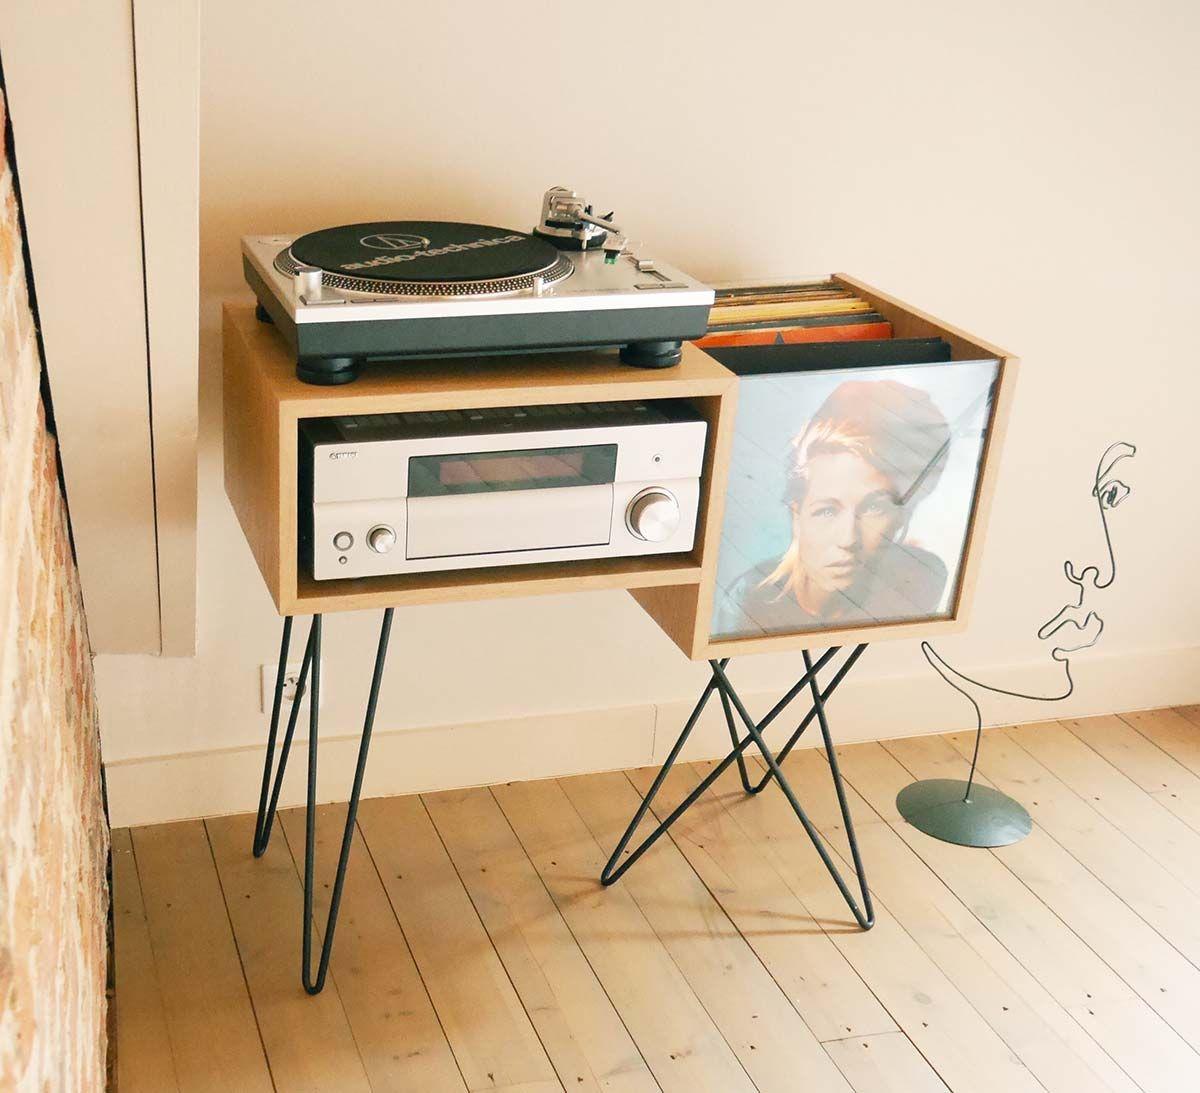 46 Meubles Pour Ranger Des Vinyles Meuble Pour Platine Vinyle Meuble Vinyle Rangement Vinyle